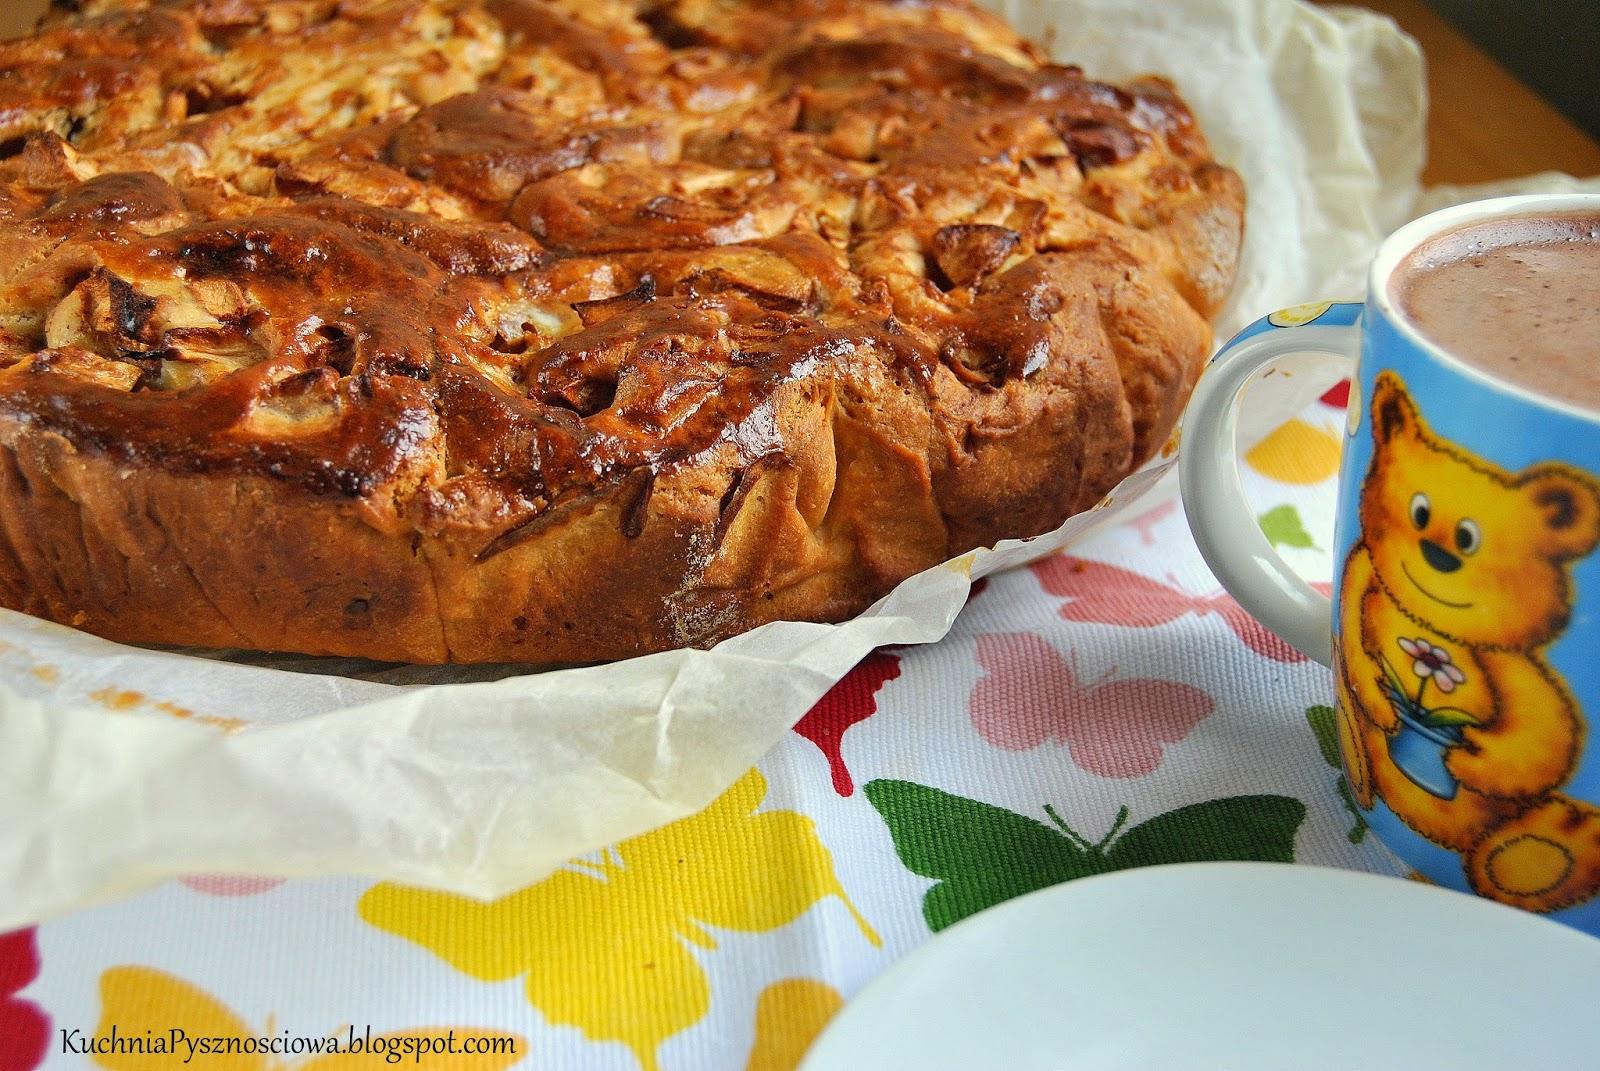 269. Brioszki z jabłkami, chociaż wyszło bardziej ciasto drożdżowe z jabłkami